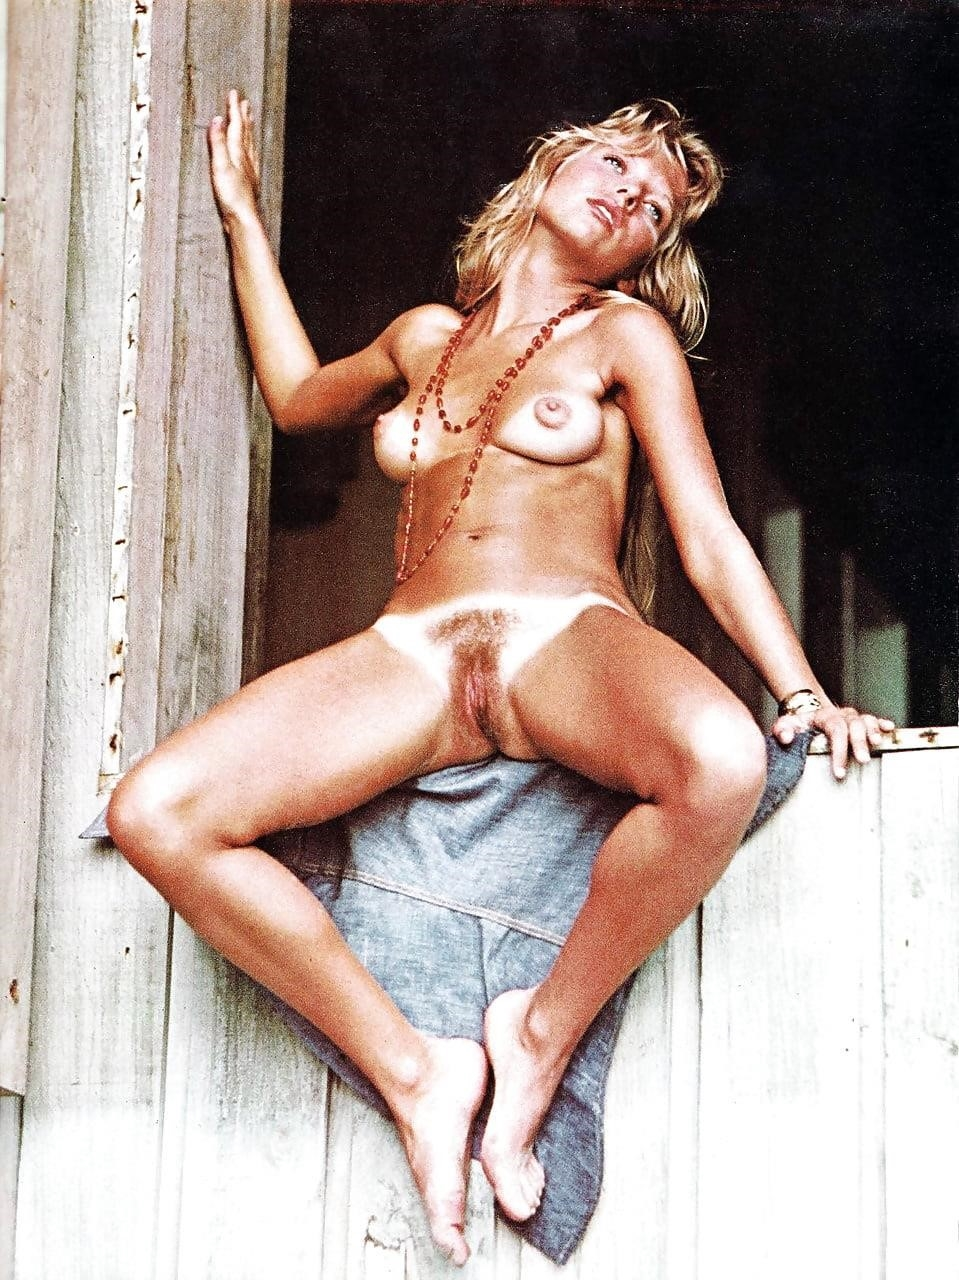 Vintage milf nude-2365